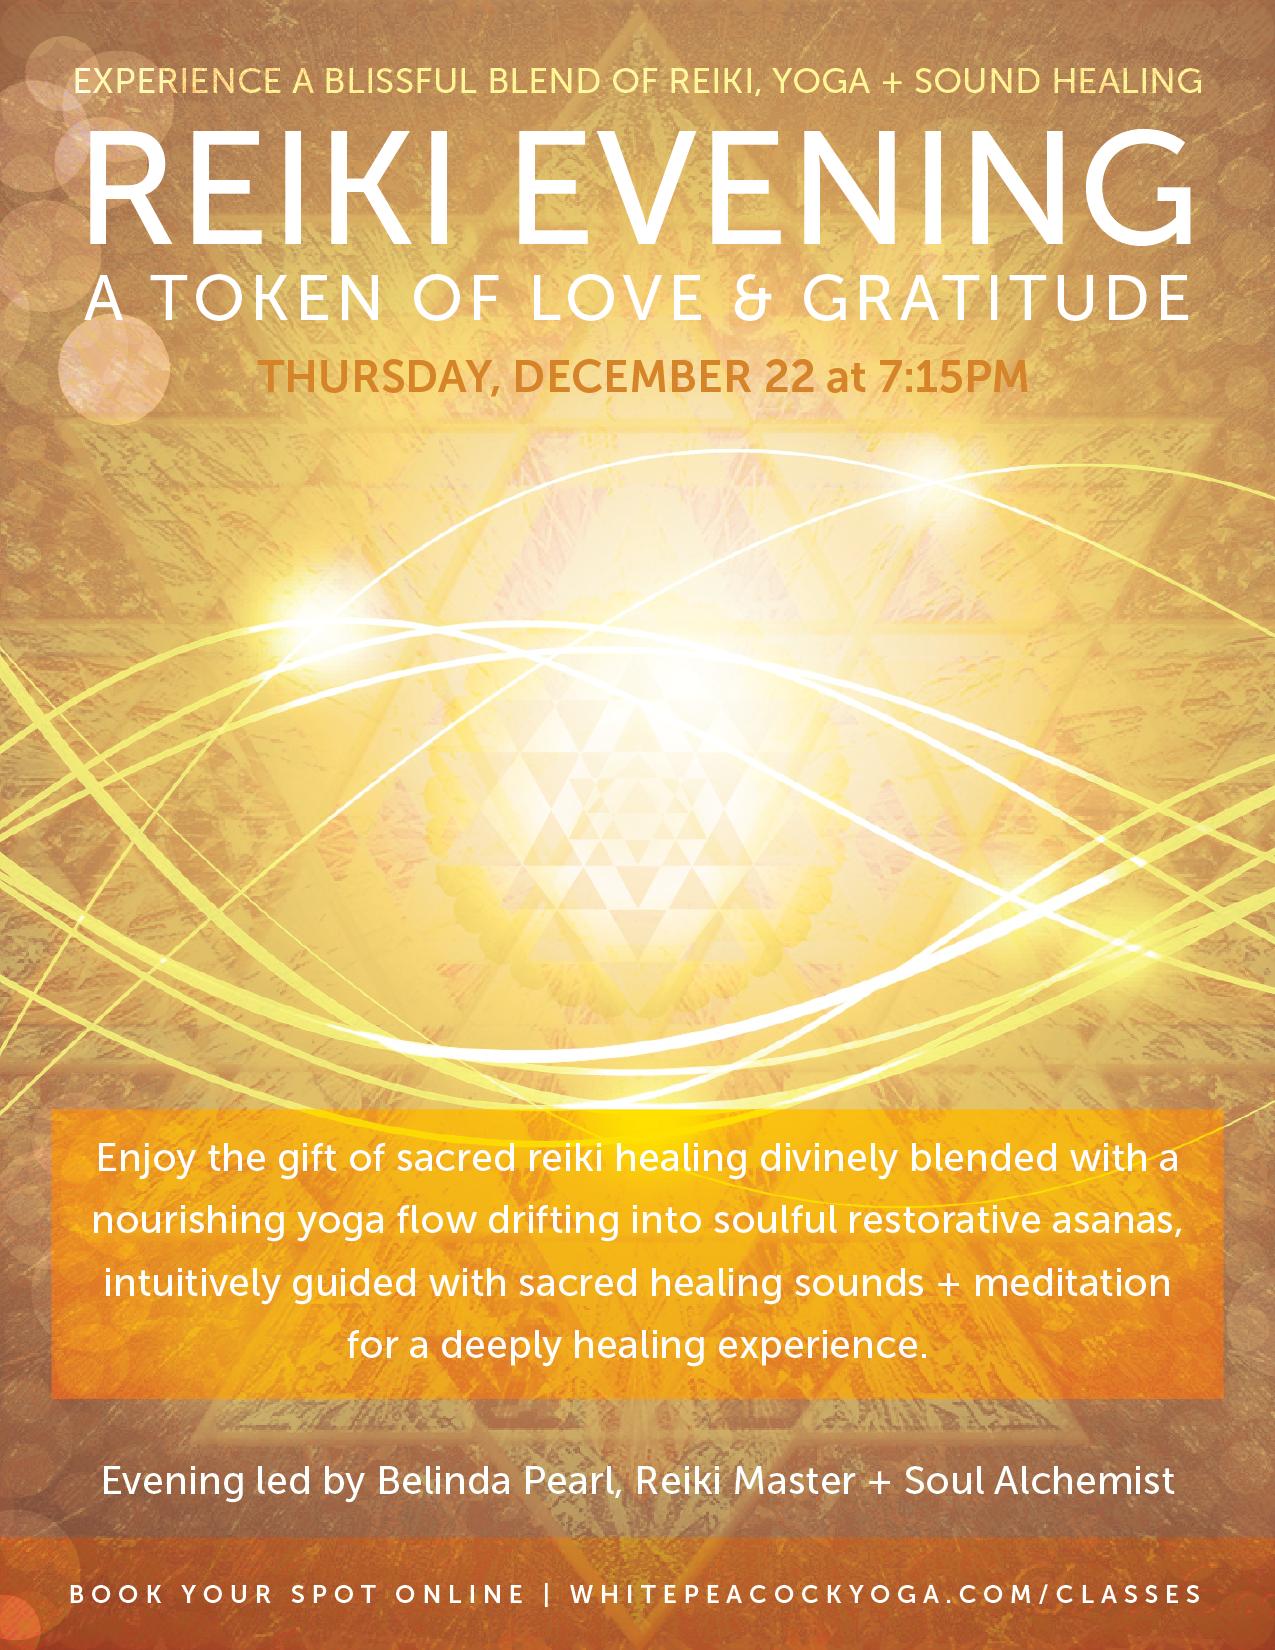 Reiki an Evening of Healing